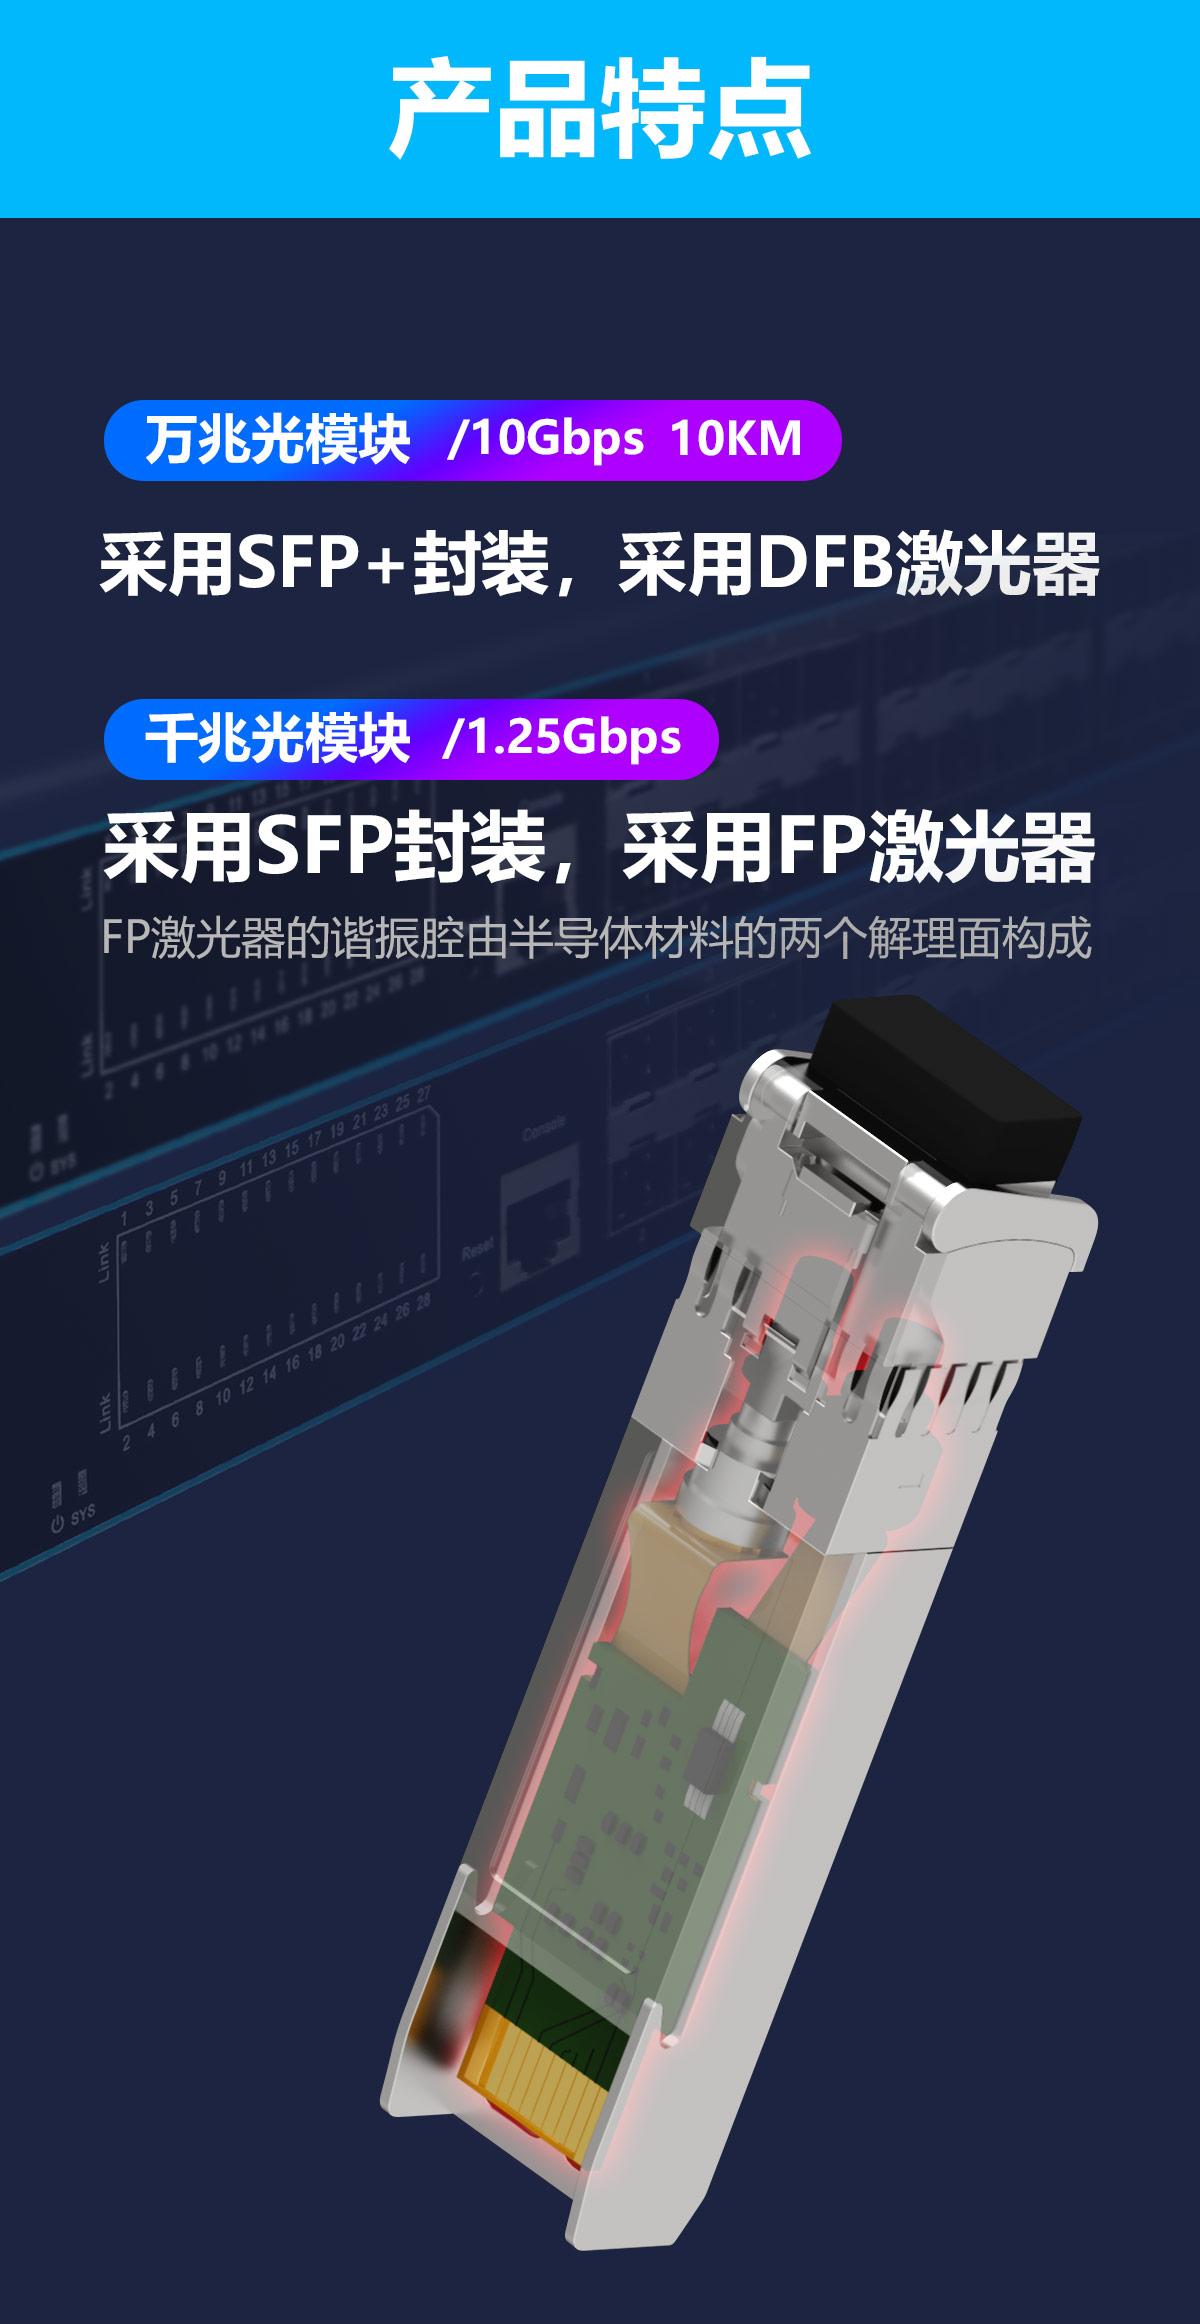 万兆光模块 10Gbps 10KM 采用SFP+封装,采用DFB激光器;千兆光模块 1.25Gbps 采用SFP封装 采用FP激光器 FP激光器的谐振腔由半导体材料的两个理解面构成